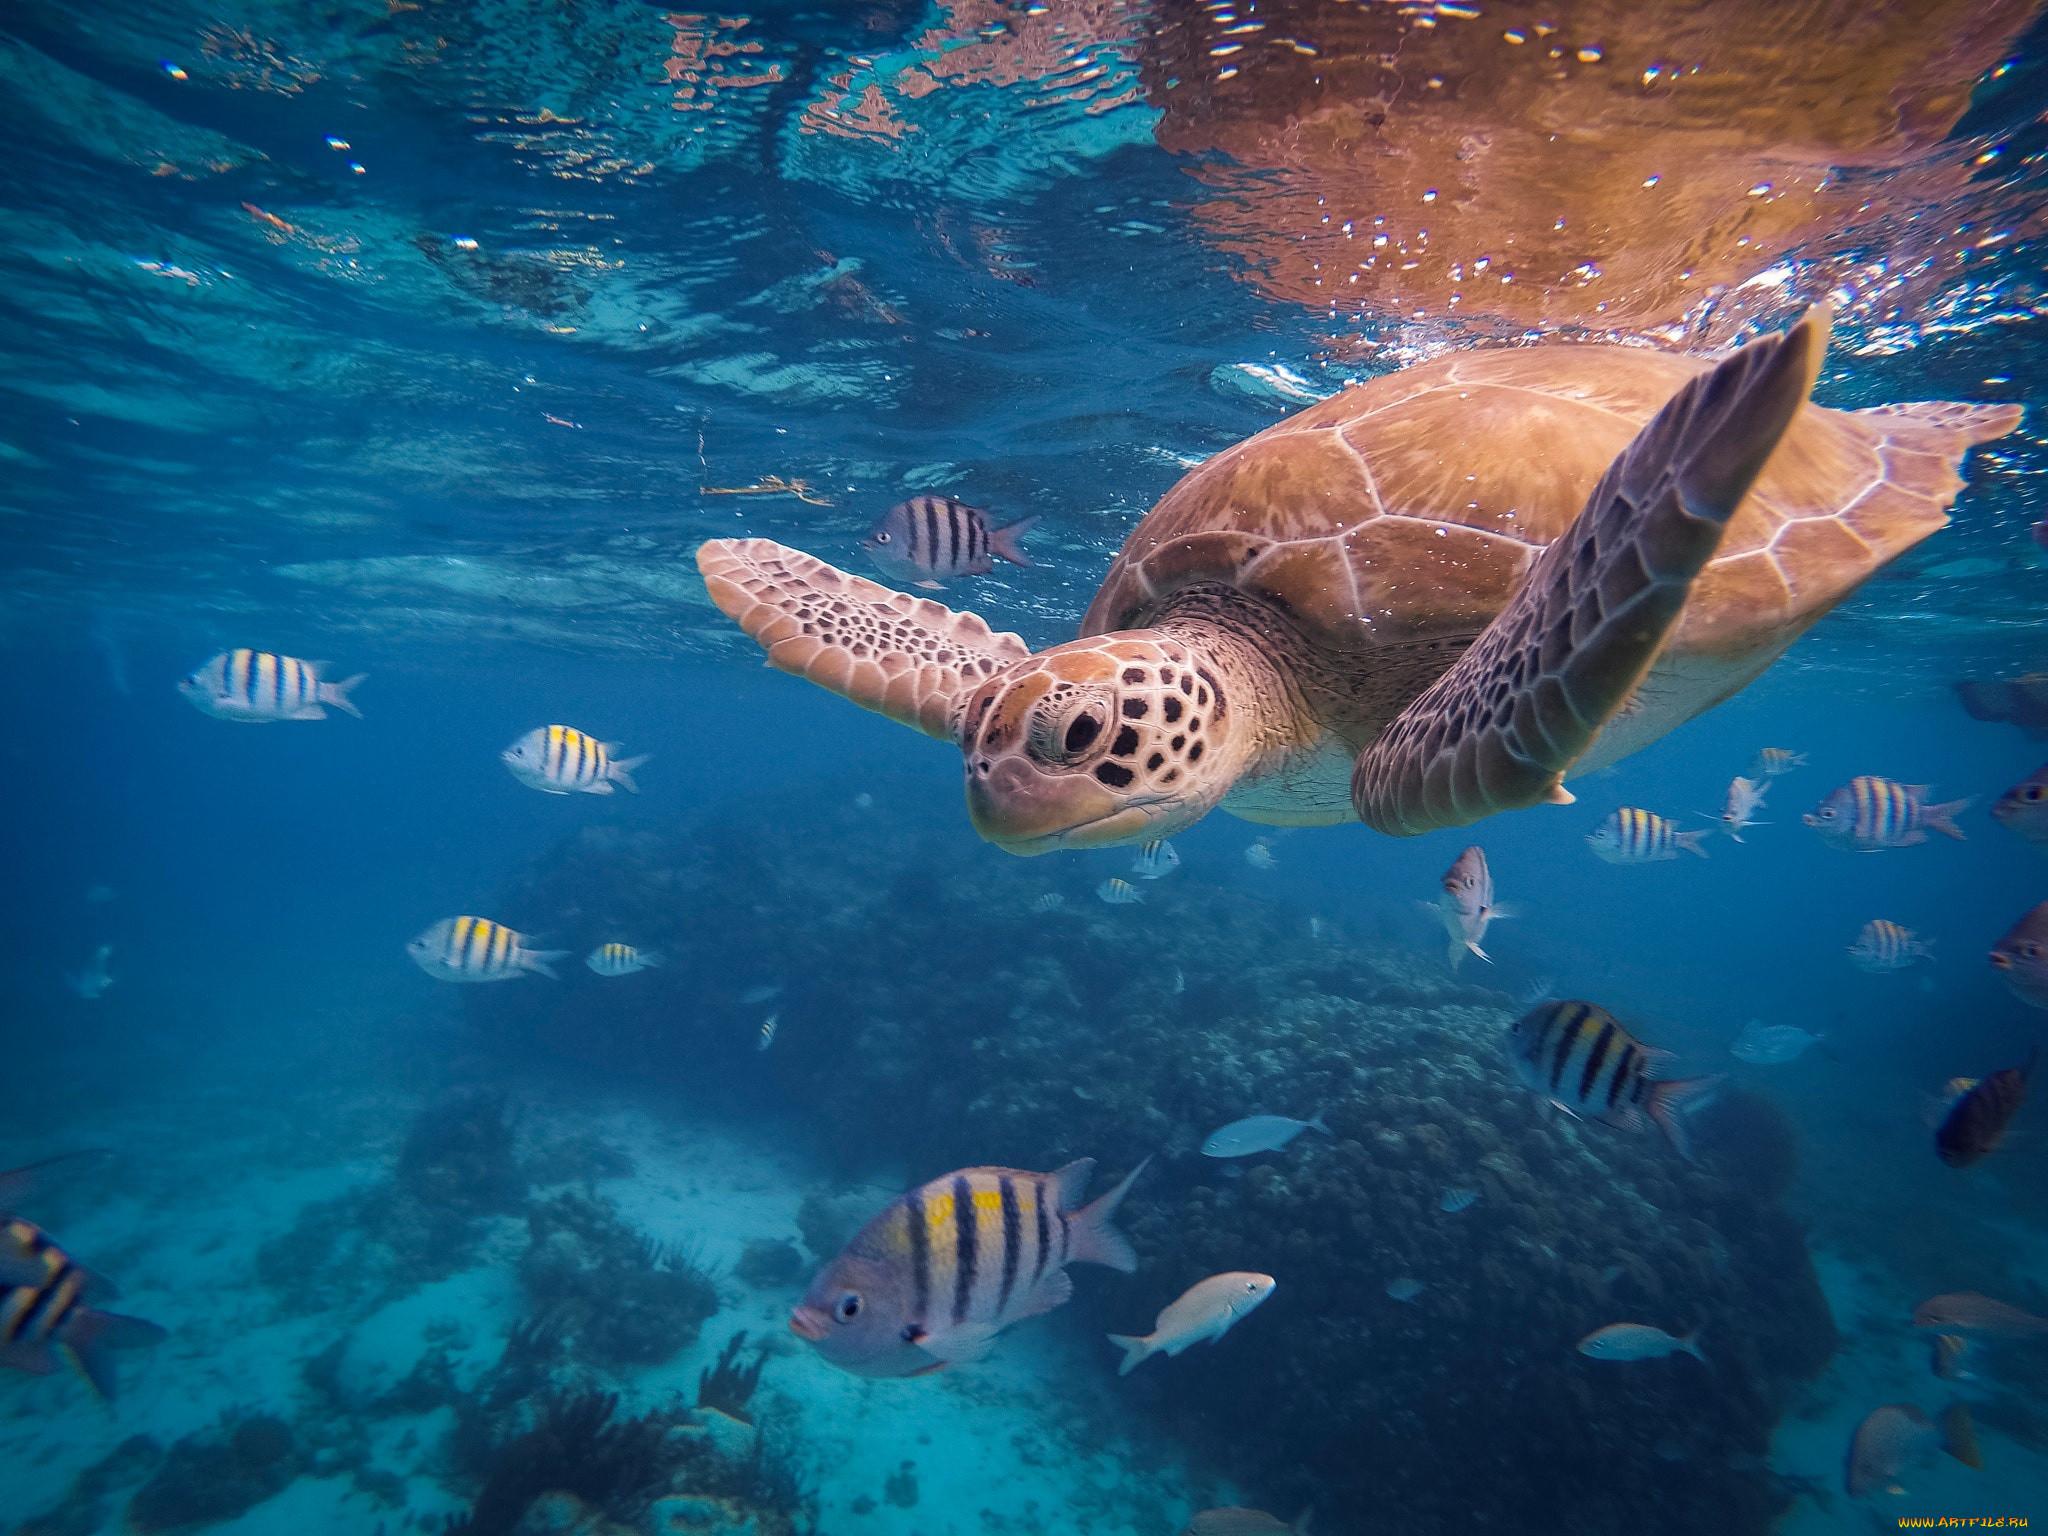 Картинки животного мира морей и океанов